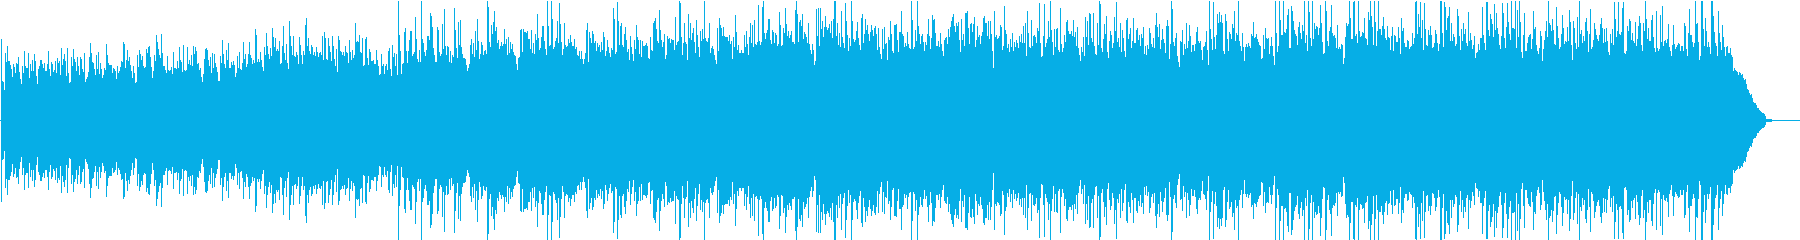 カントリーで暖かい曲の再生済みの波形